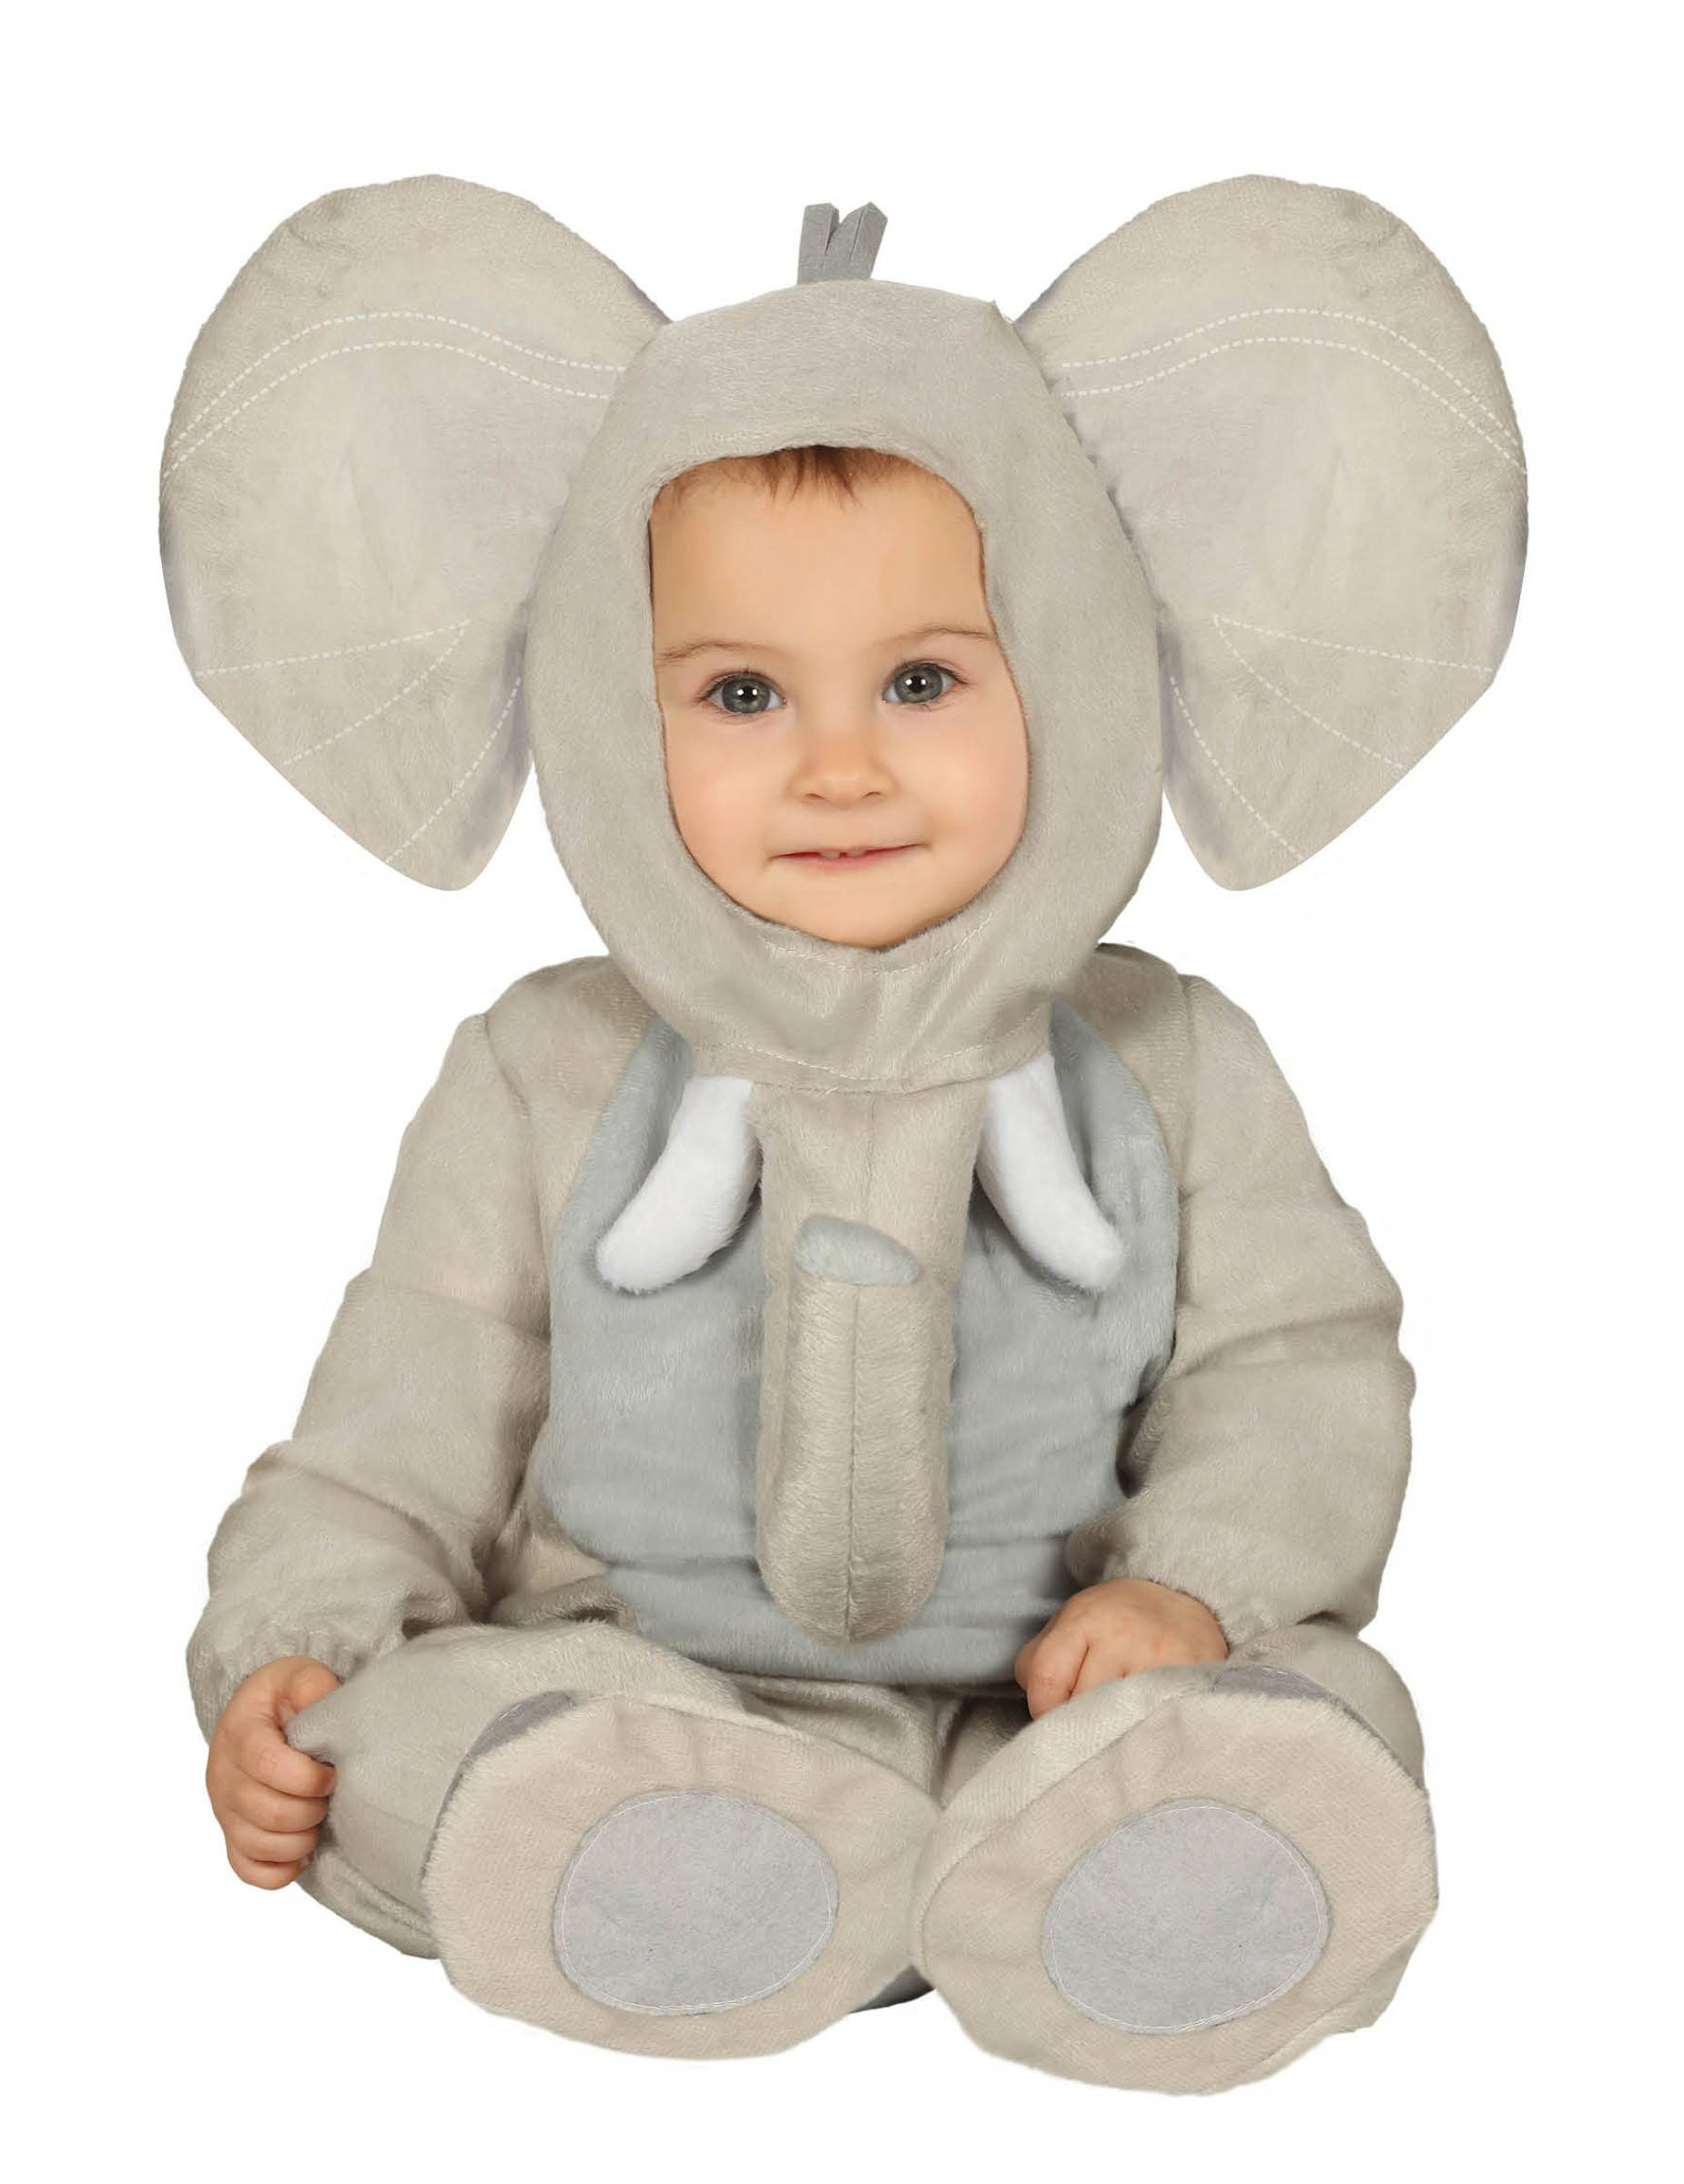 Deguisetoi Déguisement éléphant peluche bébé - Taille: 6 à 12 mois (82-83 cm)